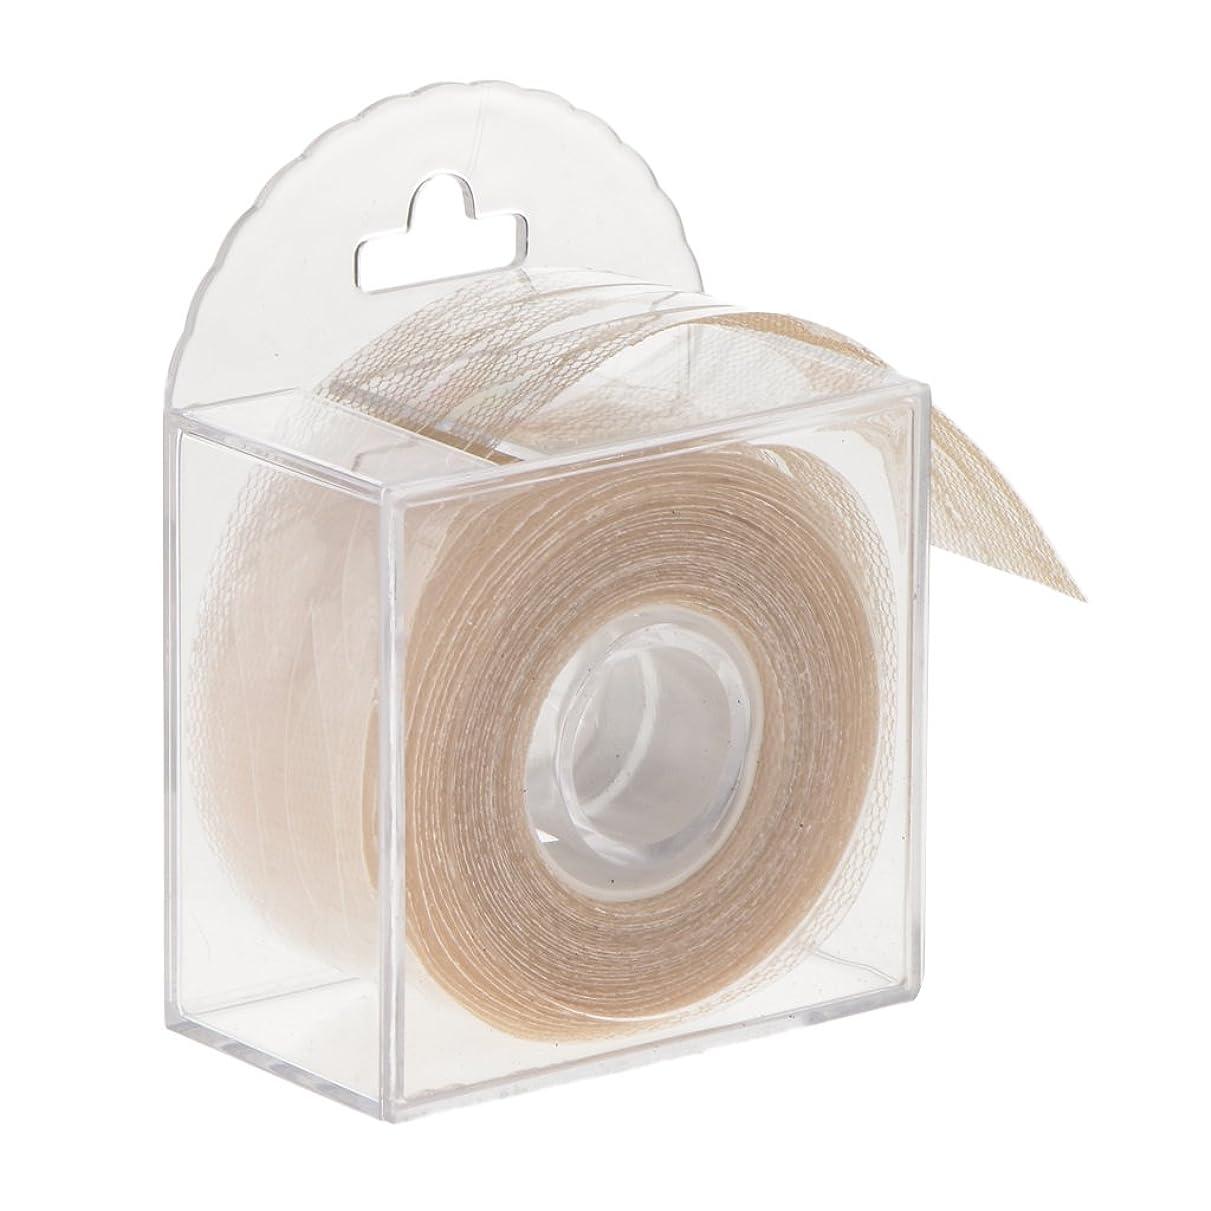 寛大さ法律により組立約240枚 二重まぶたテープ 二重テープ まぶたテープ 通気性 見えない 二重まぶたステッカー 化粧品 メイク道具 2サイズ選べる - 大